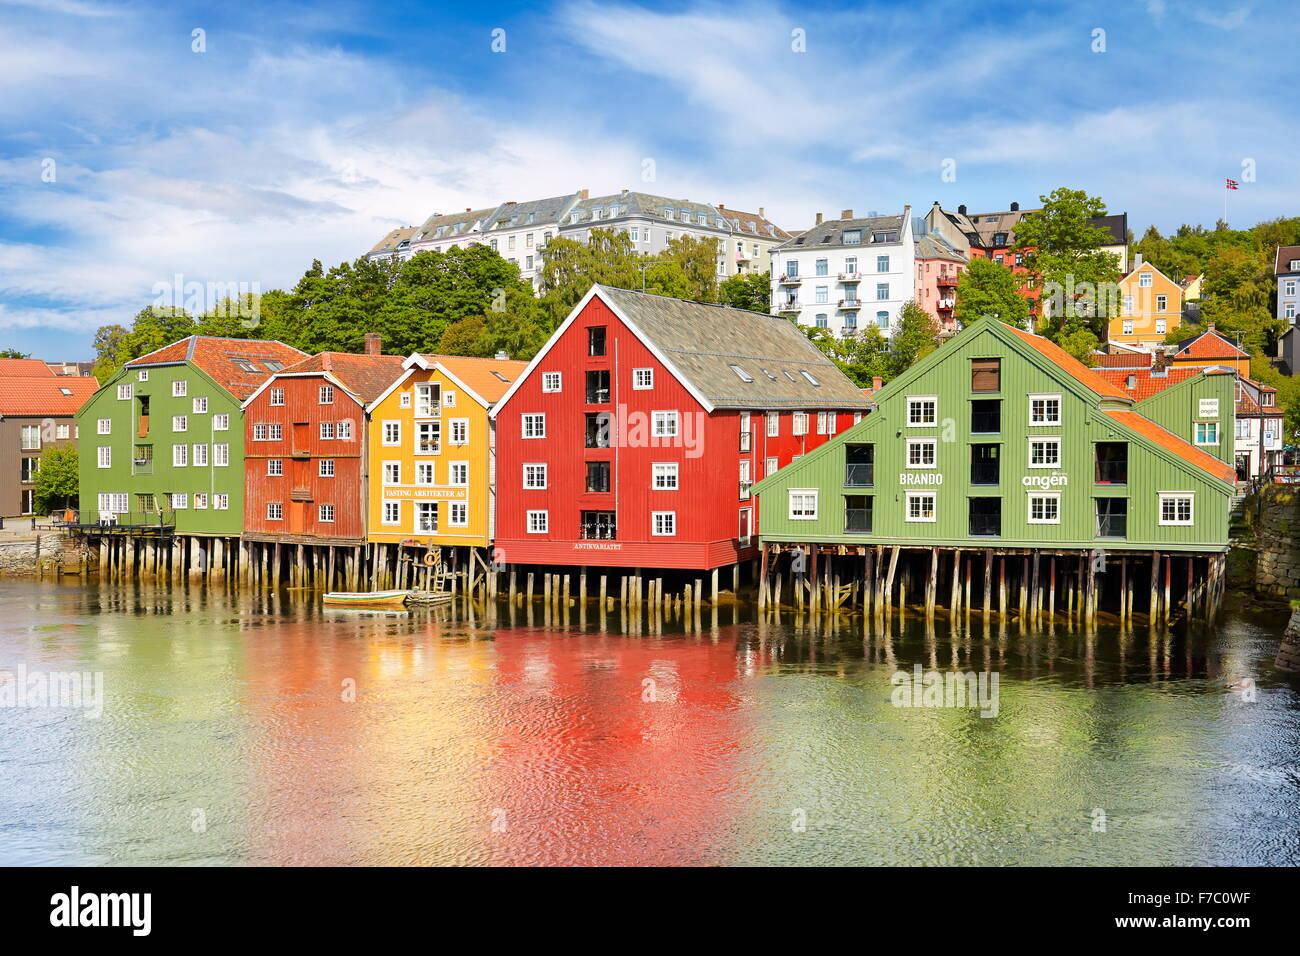 Historique colorés des maisons sur pilotis à Trondheim, Norvège Photo Stock